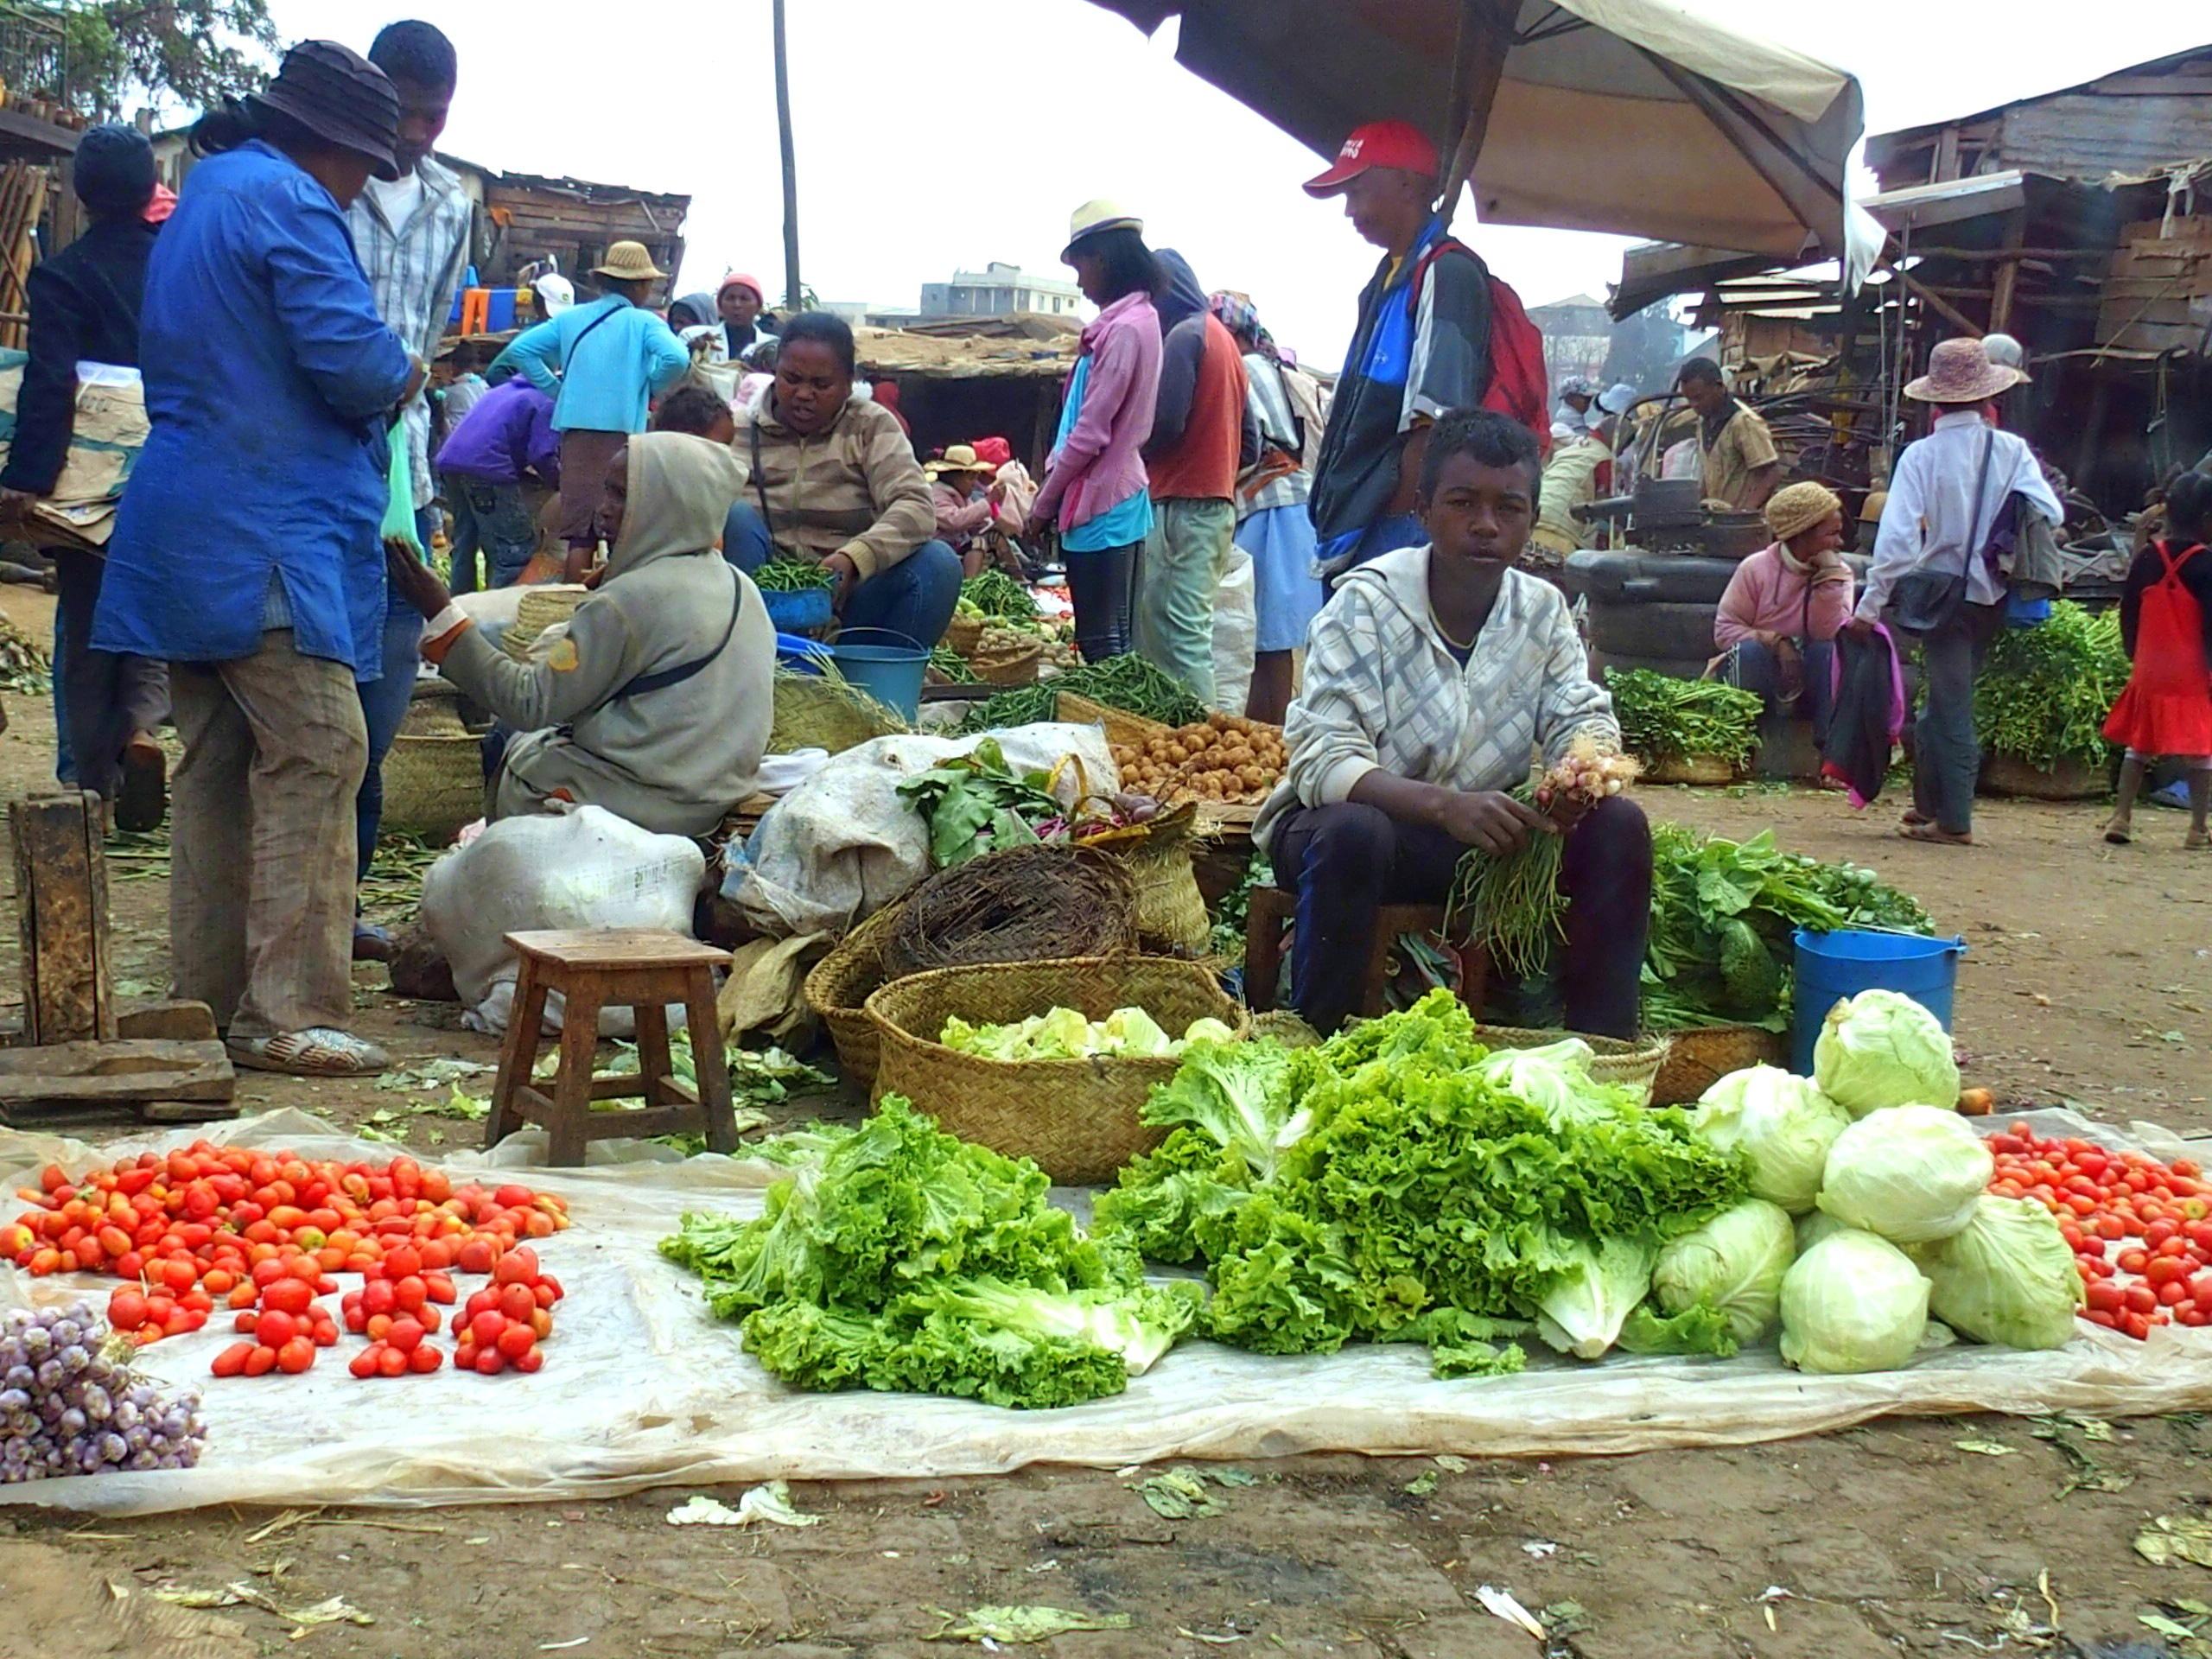 Jeunes vendeur fruits et légumes sur marché Madagascar.